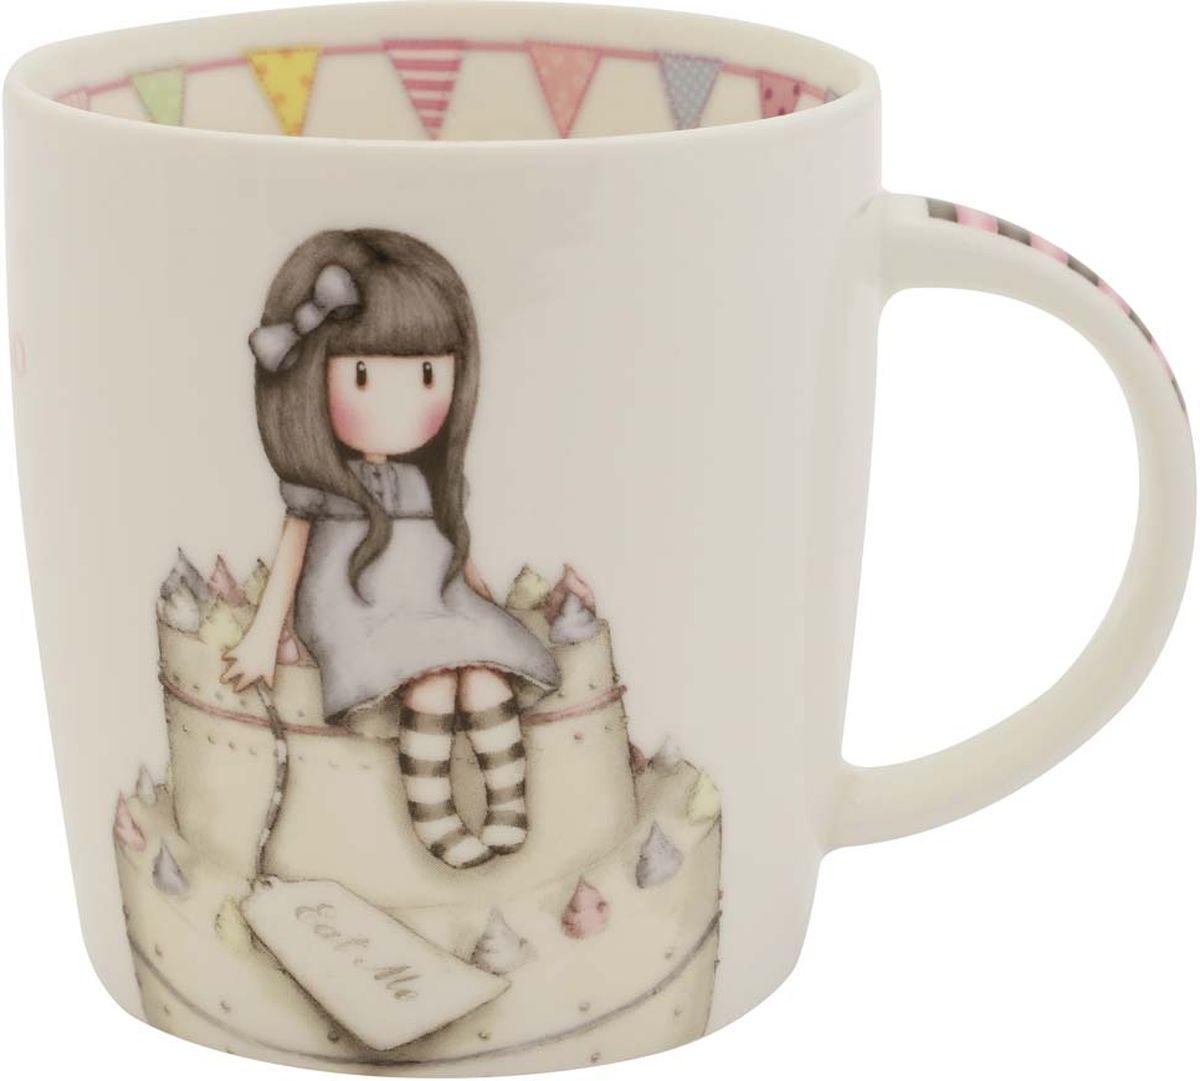 Кружка Santoro London Sweet Cake, цвет: слоновая кость, 250 млMUG029Сказочная кружка Santoro London из костяного фарфора в подарочной упаковке. Настало время настоящего английского чаепития с Gorjuss! Оригинальная кружка для девочек — подарок в британском стиле для любительниц чая, какао и горячего шоколада. Подходит для использования в посудомоечной машине и микроволновке.